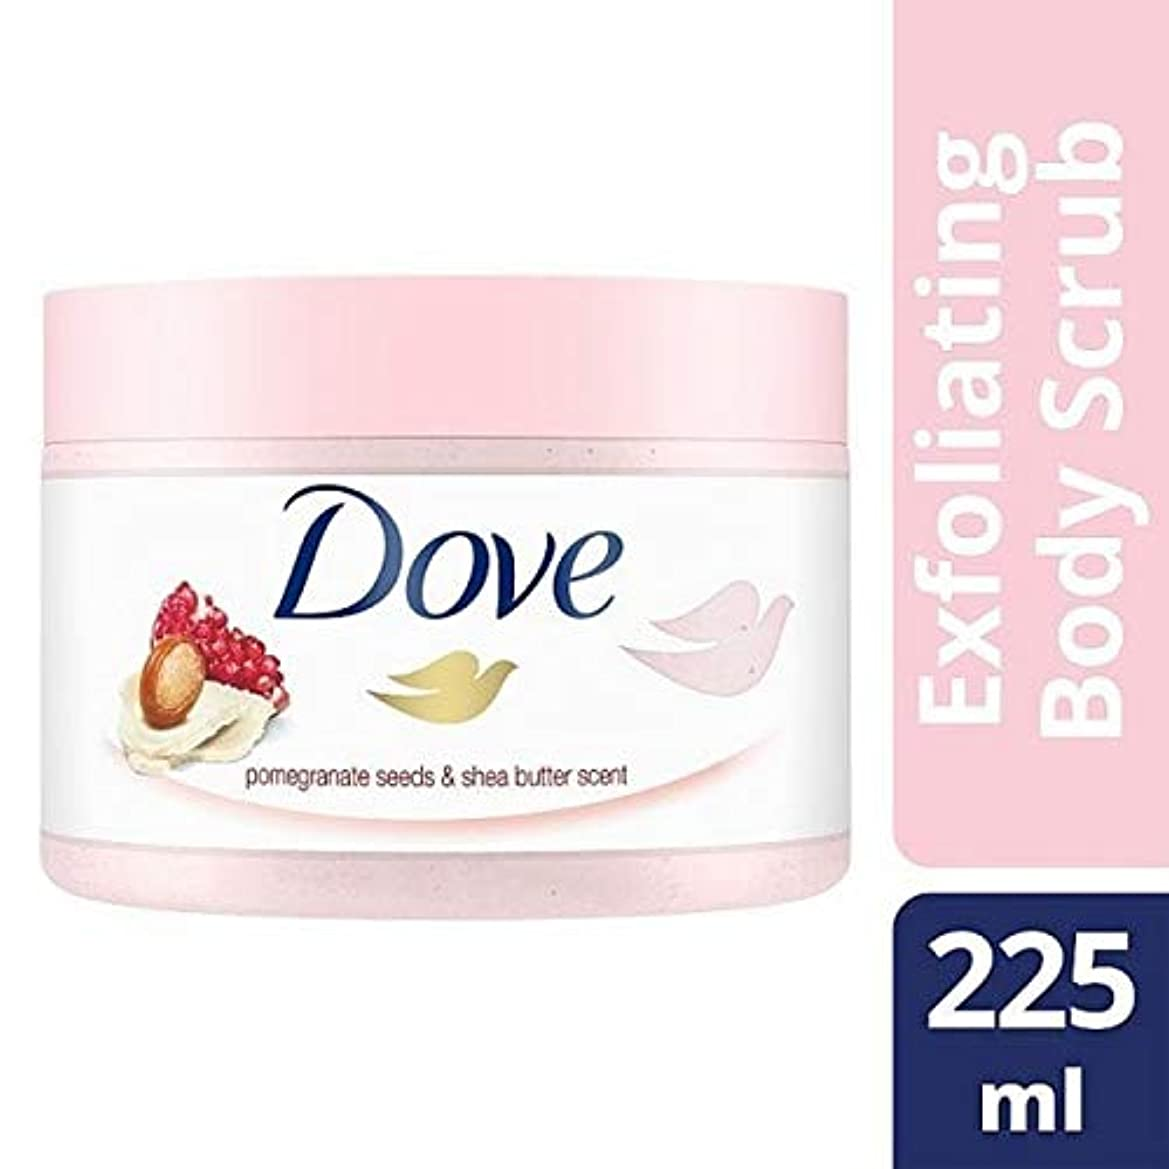 不透明な浸食枠[Dove ] 225ミリリットルボディスクラブザクロ種子を剥離鳩 - Dove Exfoliating Body Scrub Pomegranate Seeds 225ml [並行輸入品]